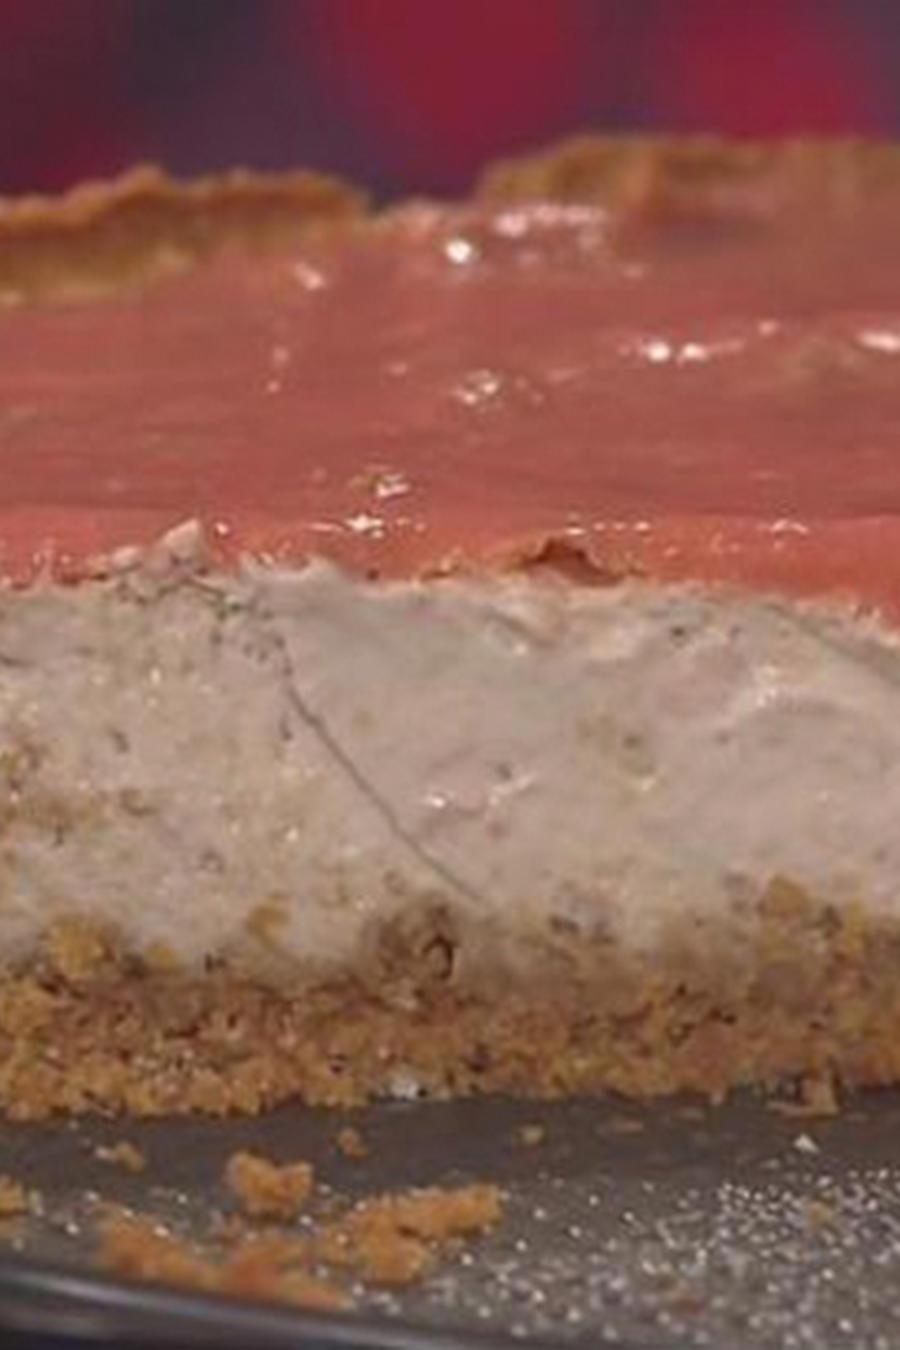 Recetas de cocina: Descubre cómo hacer un delicioso Cheesecake de Guayaba